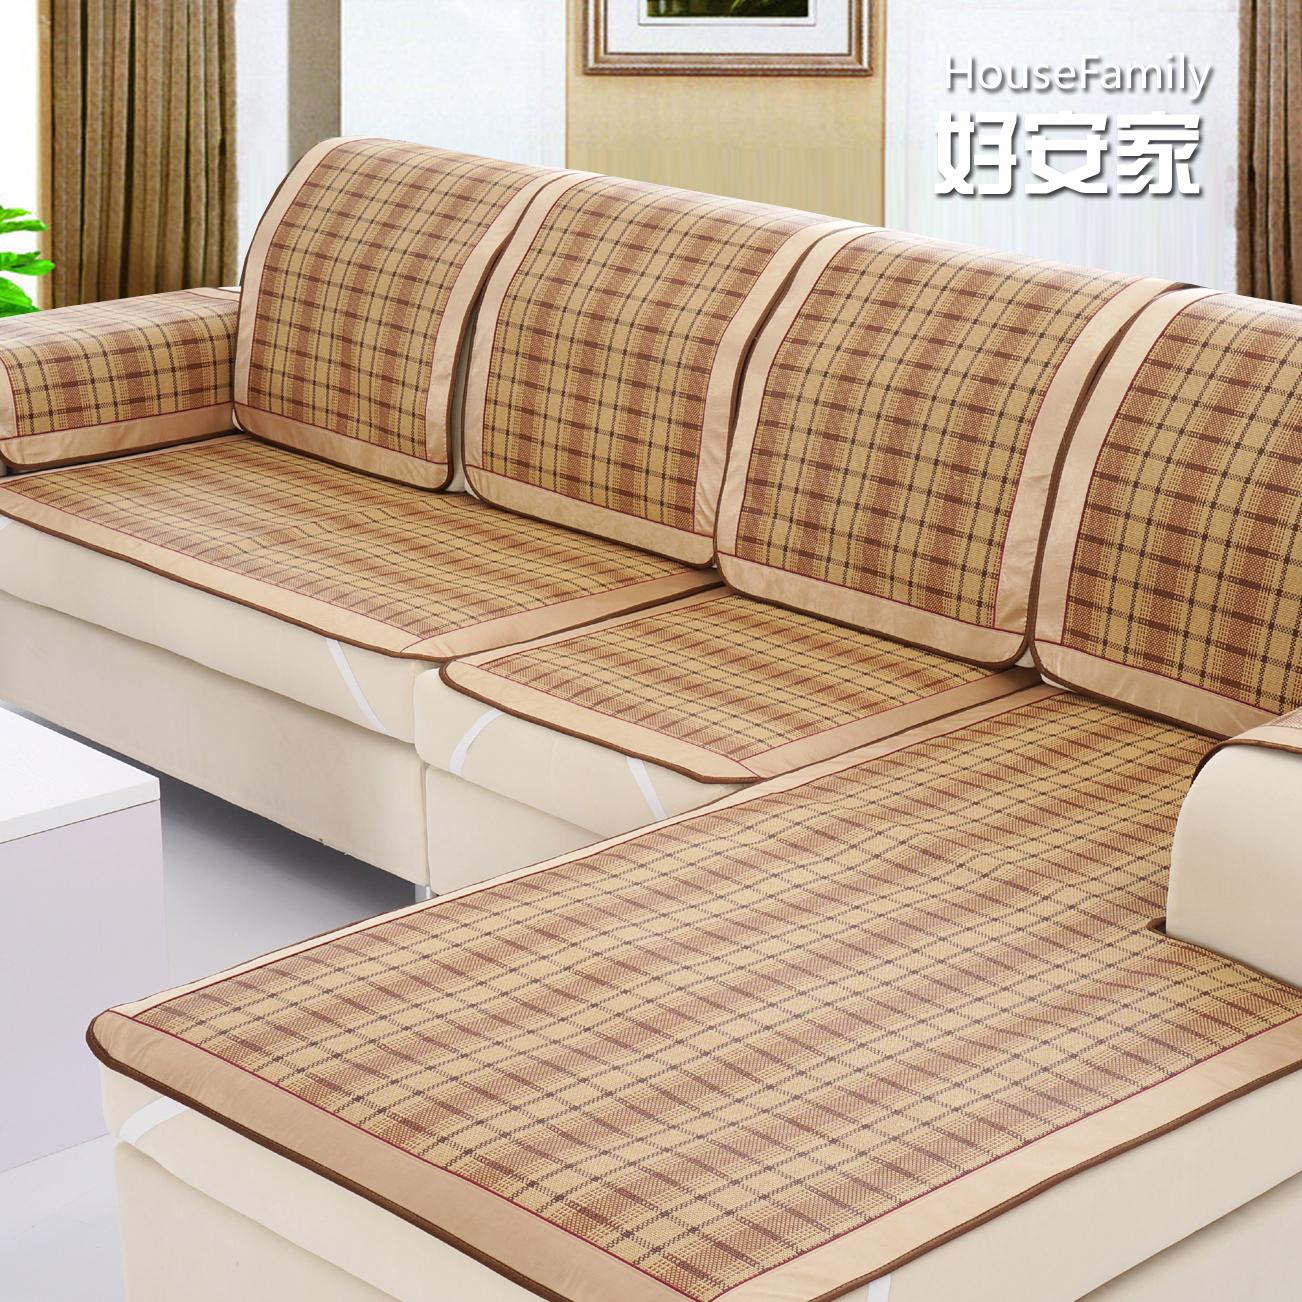 Как сшить чехол на диван своими руками. ТОП-10 идей с фото 31